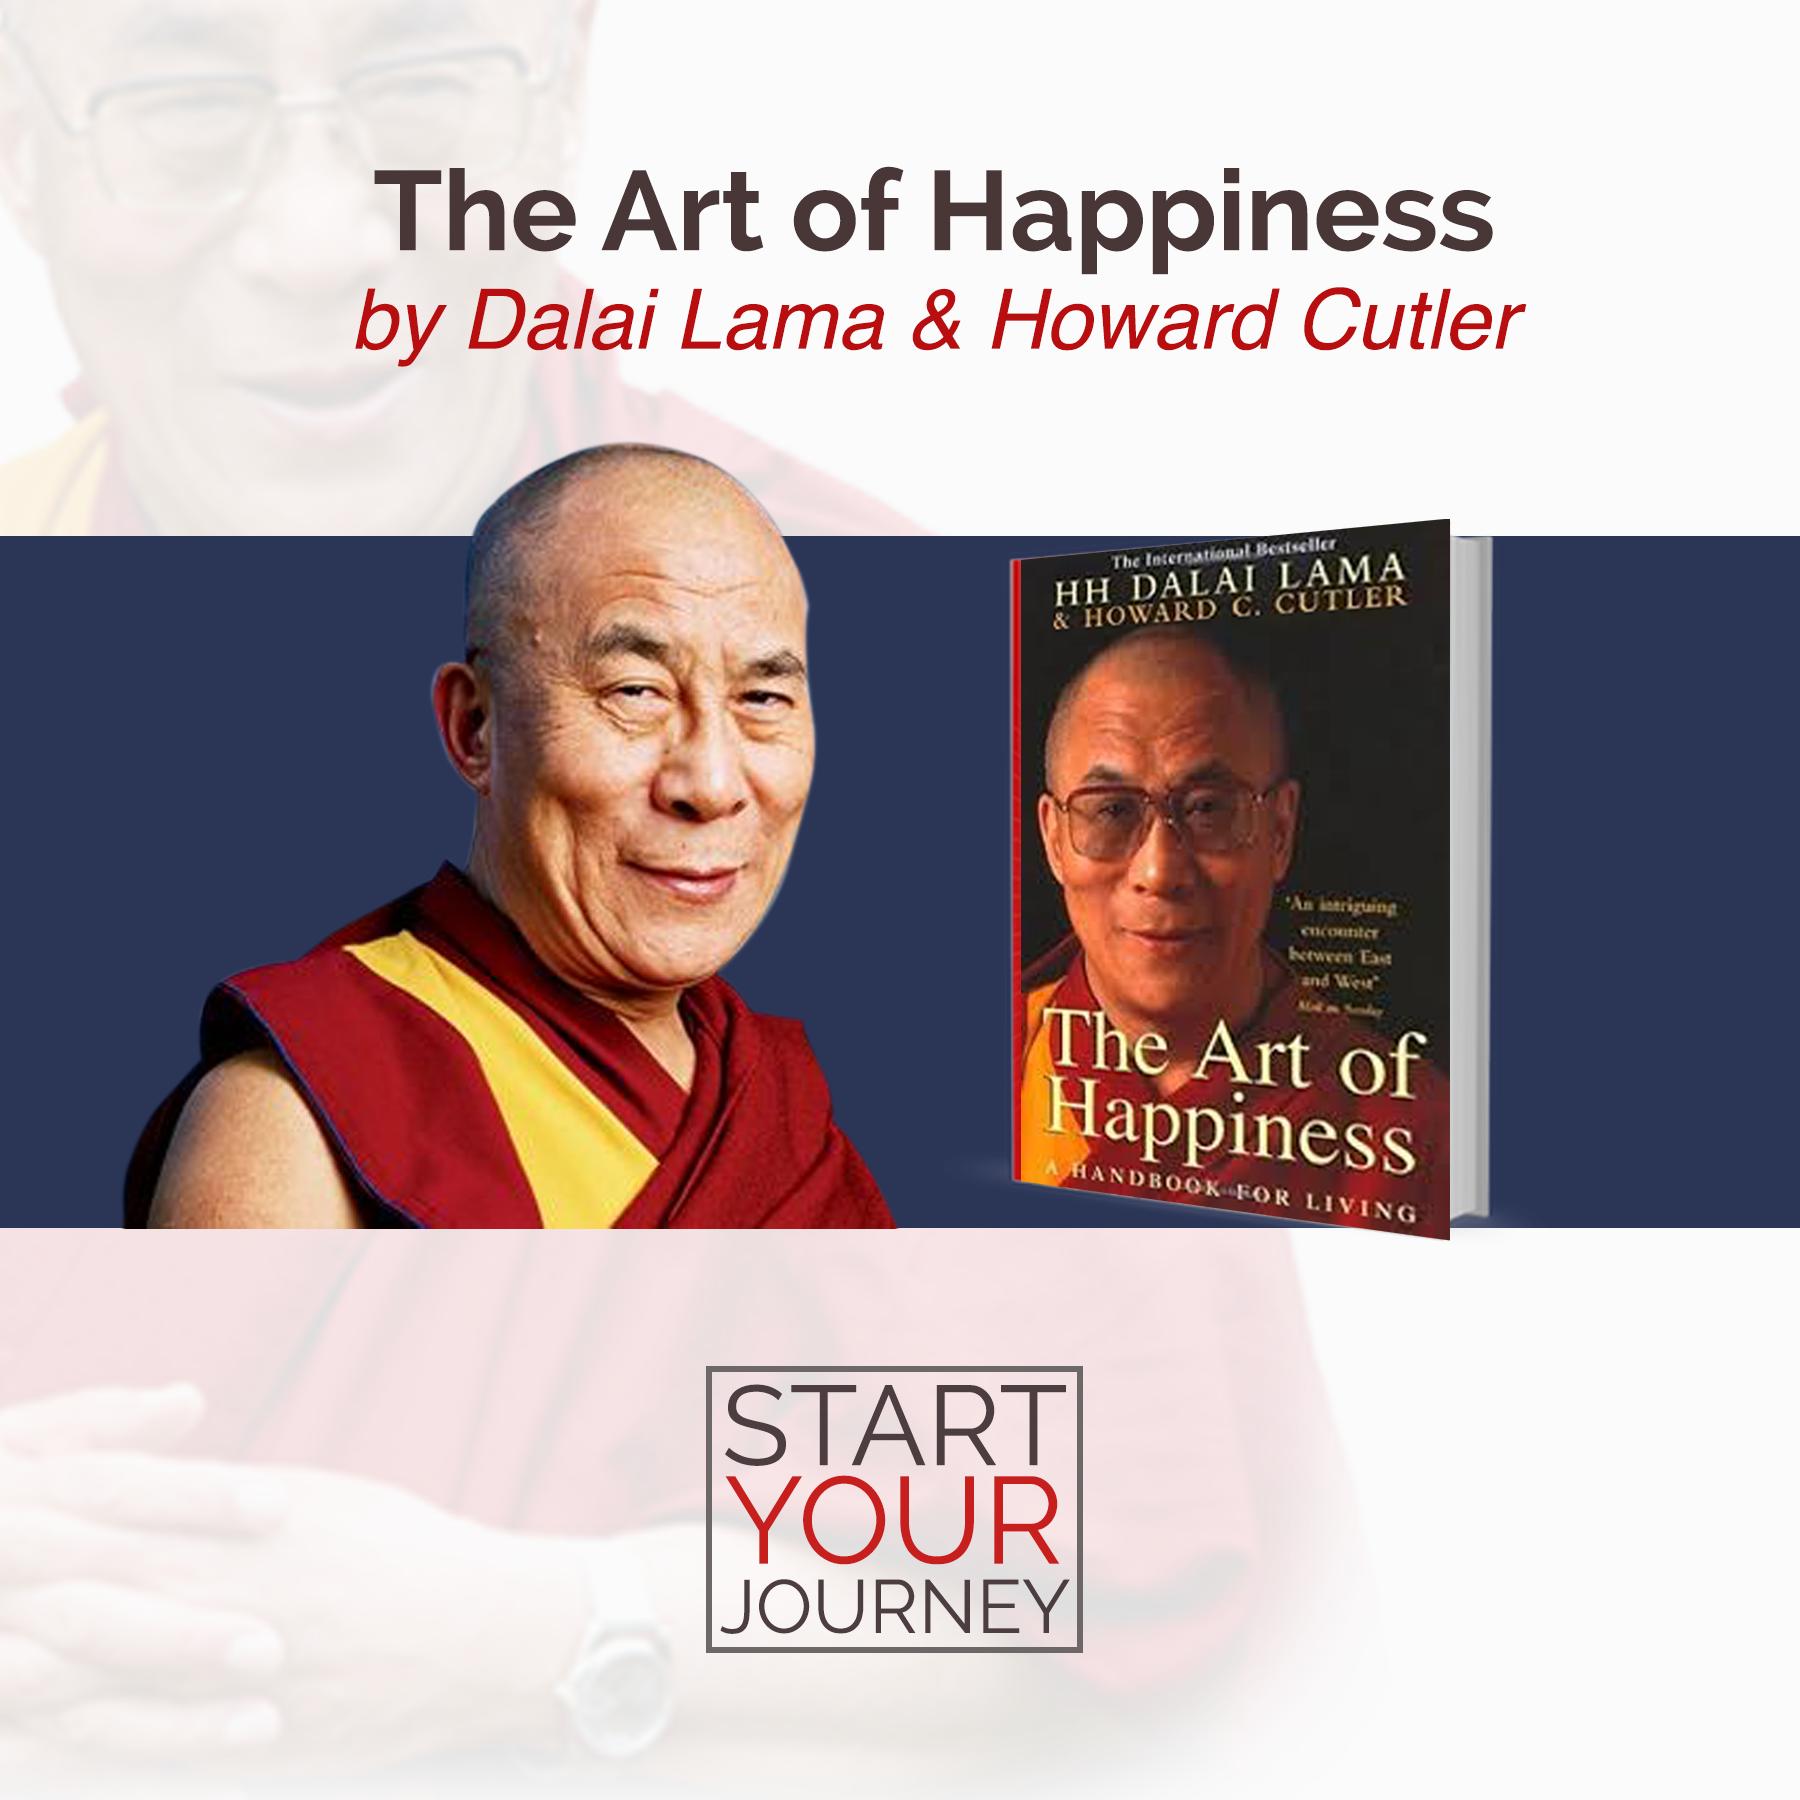 Dalai Lama book